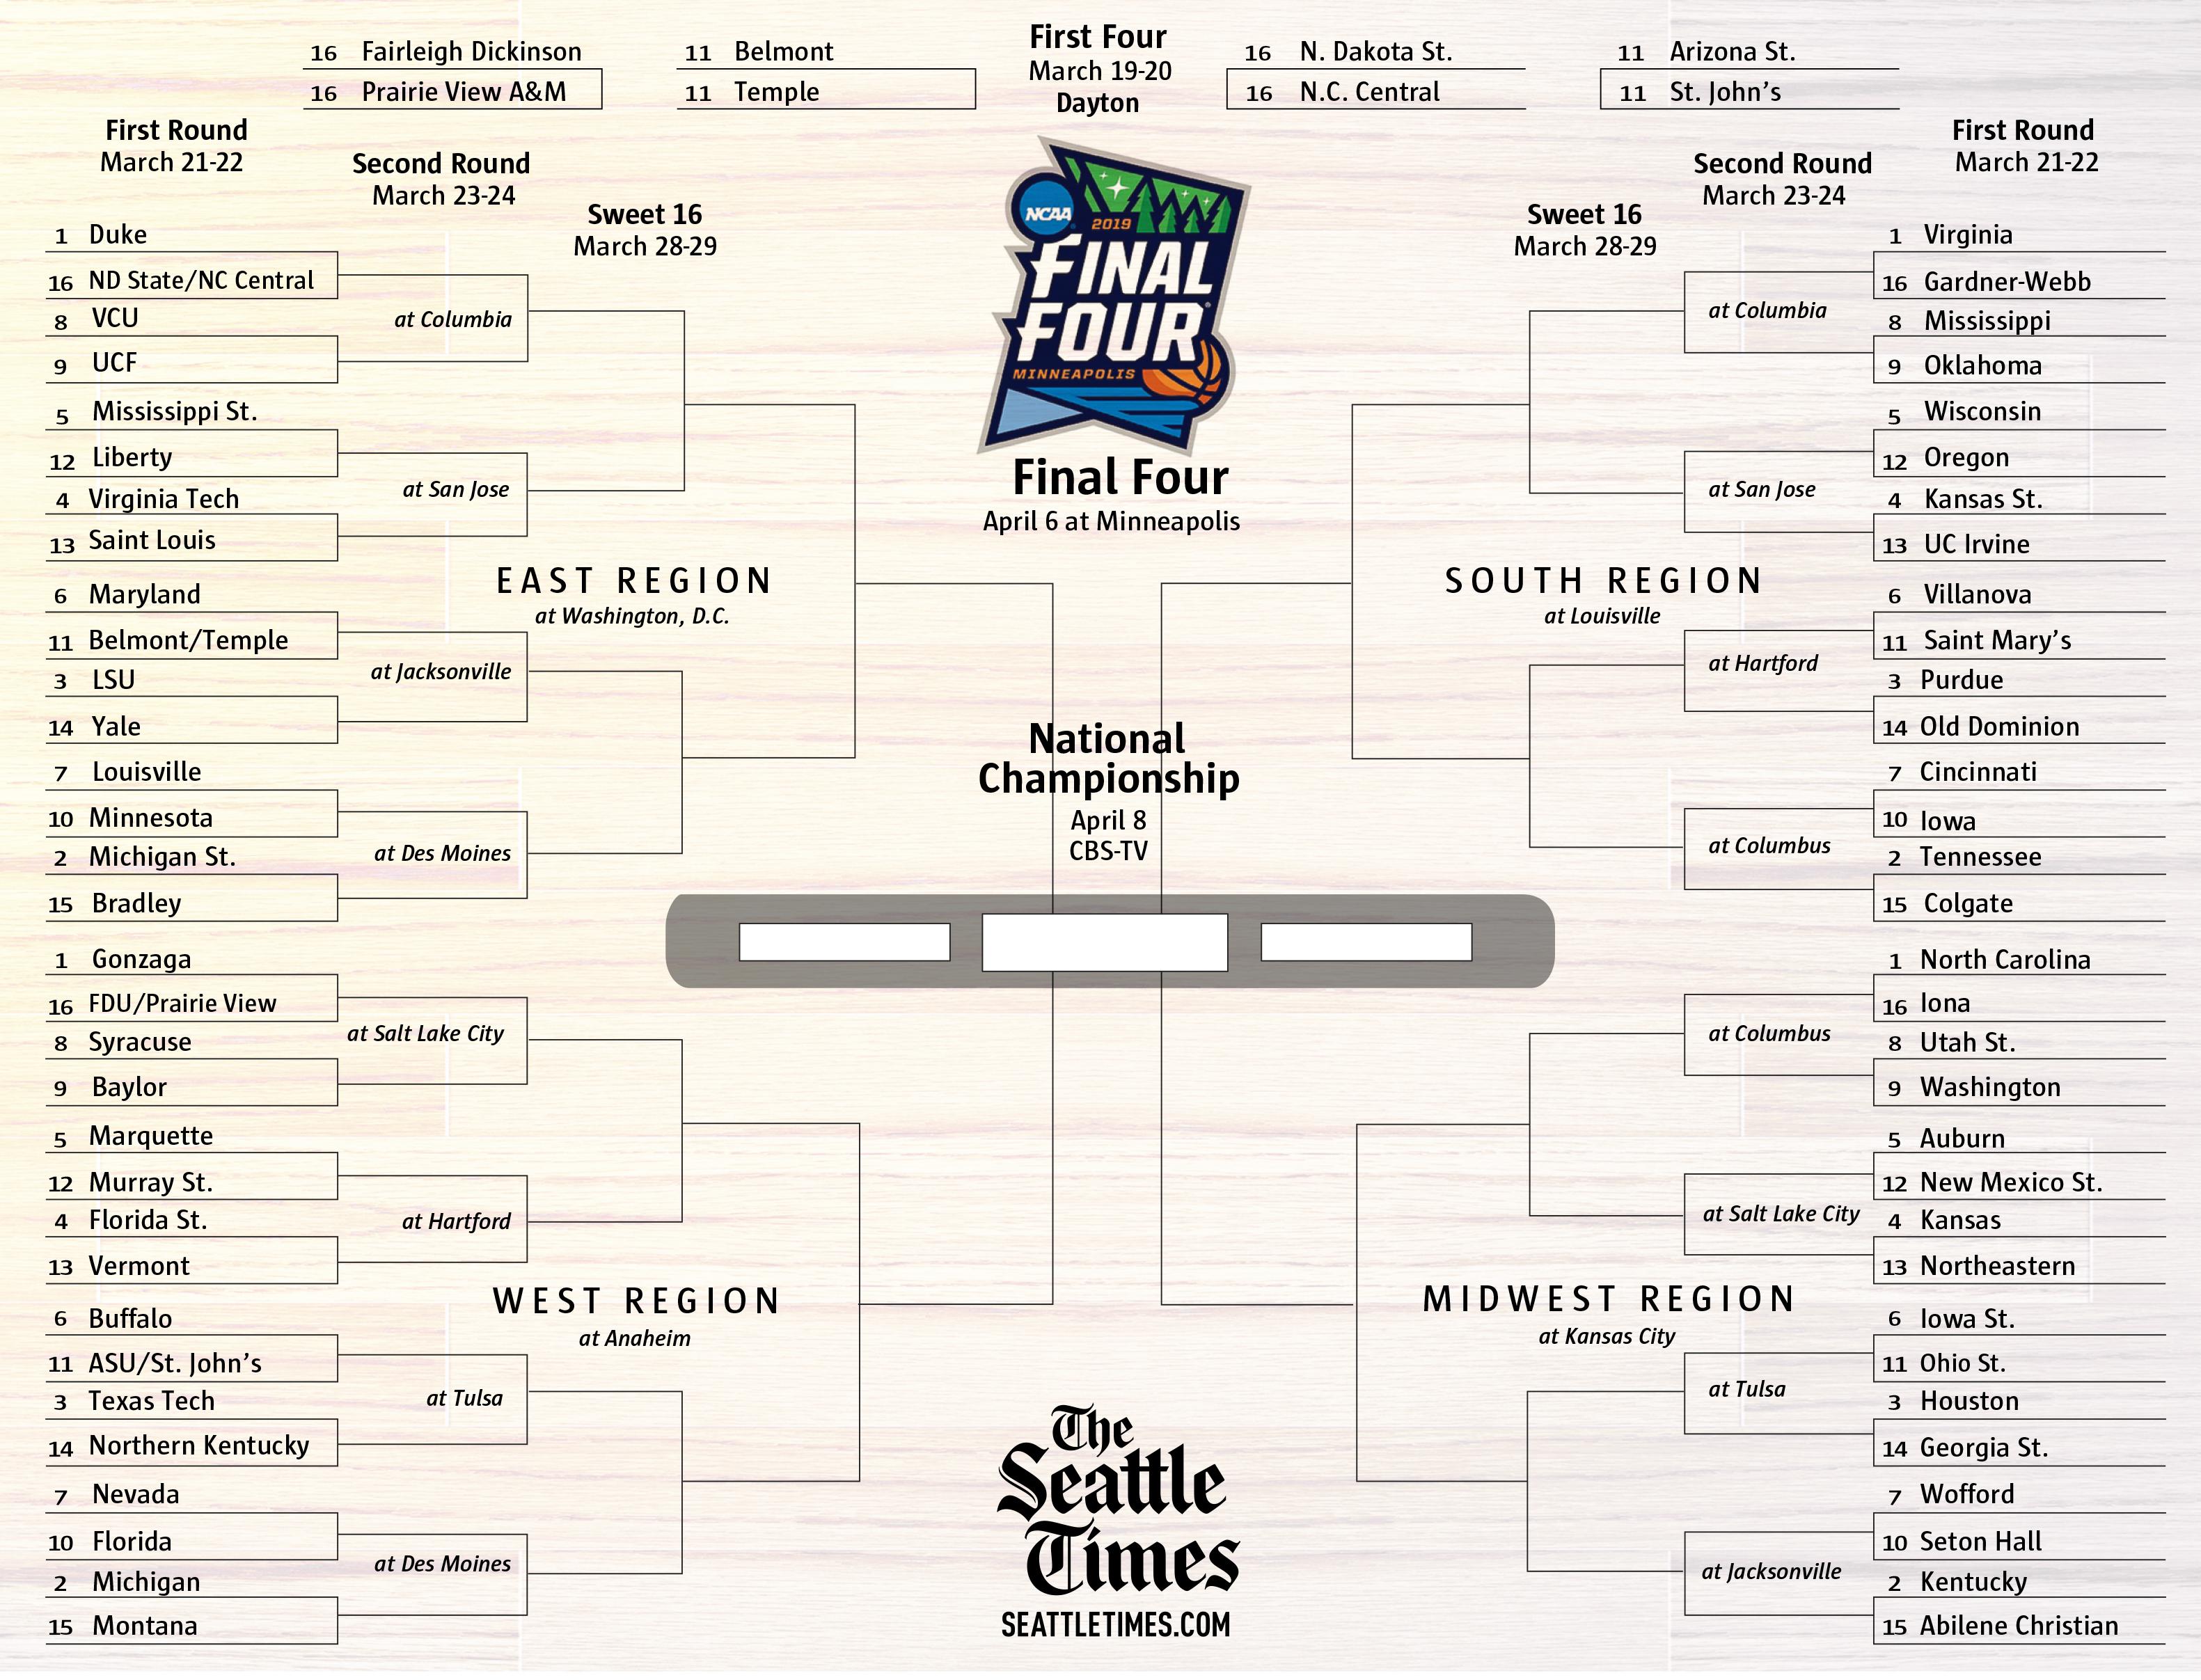 Daddy's Hangout 2019 NCAA Tournament Prediction